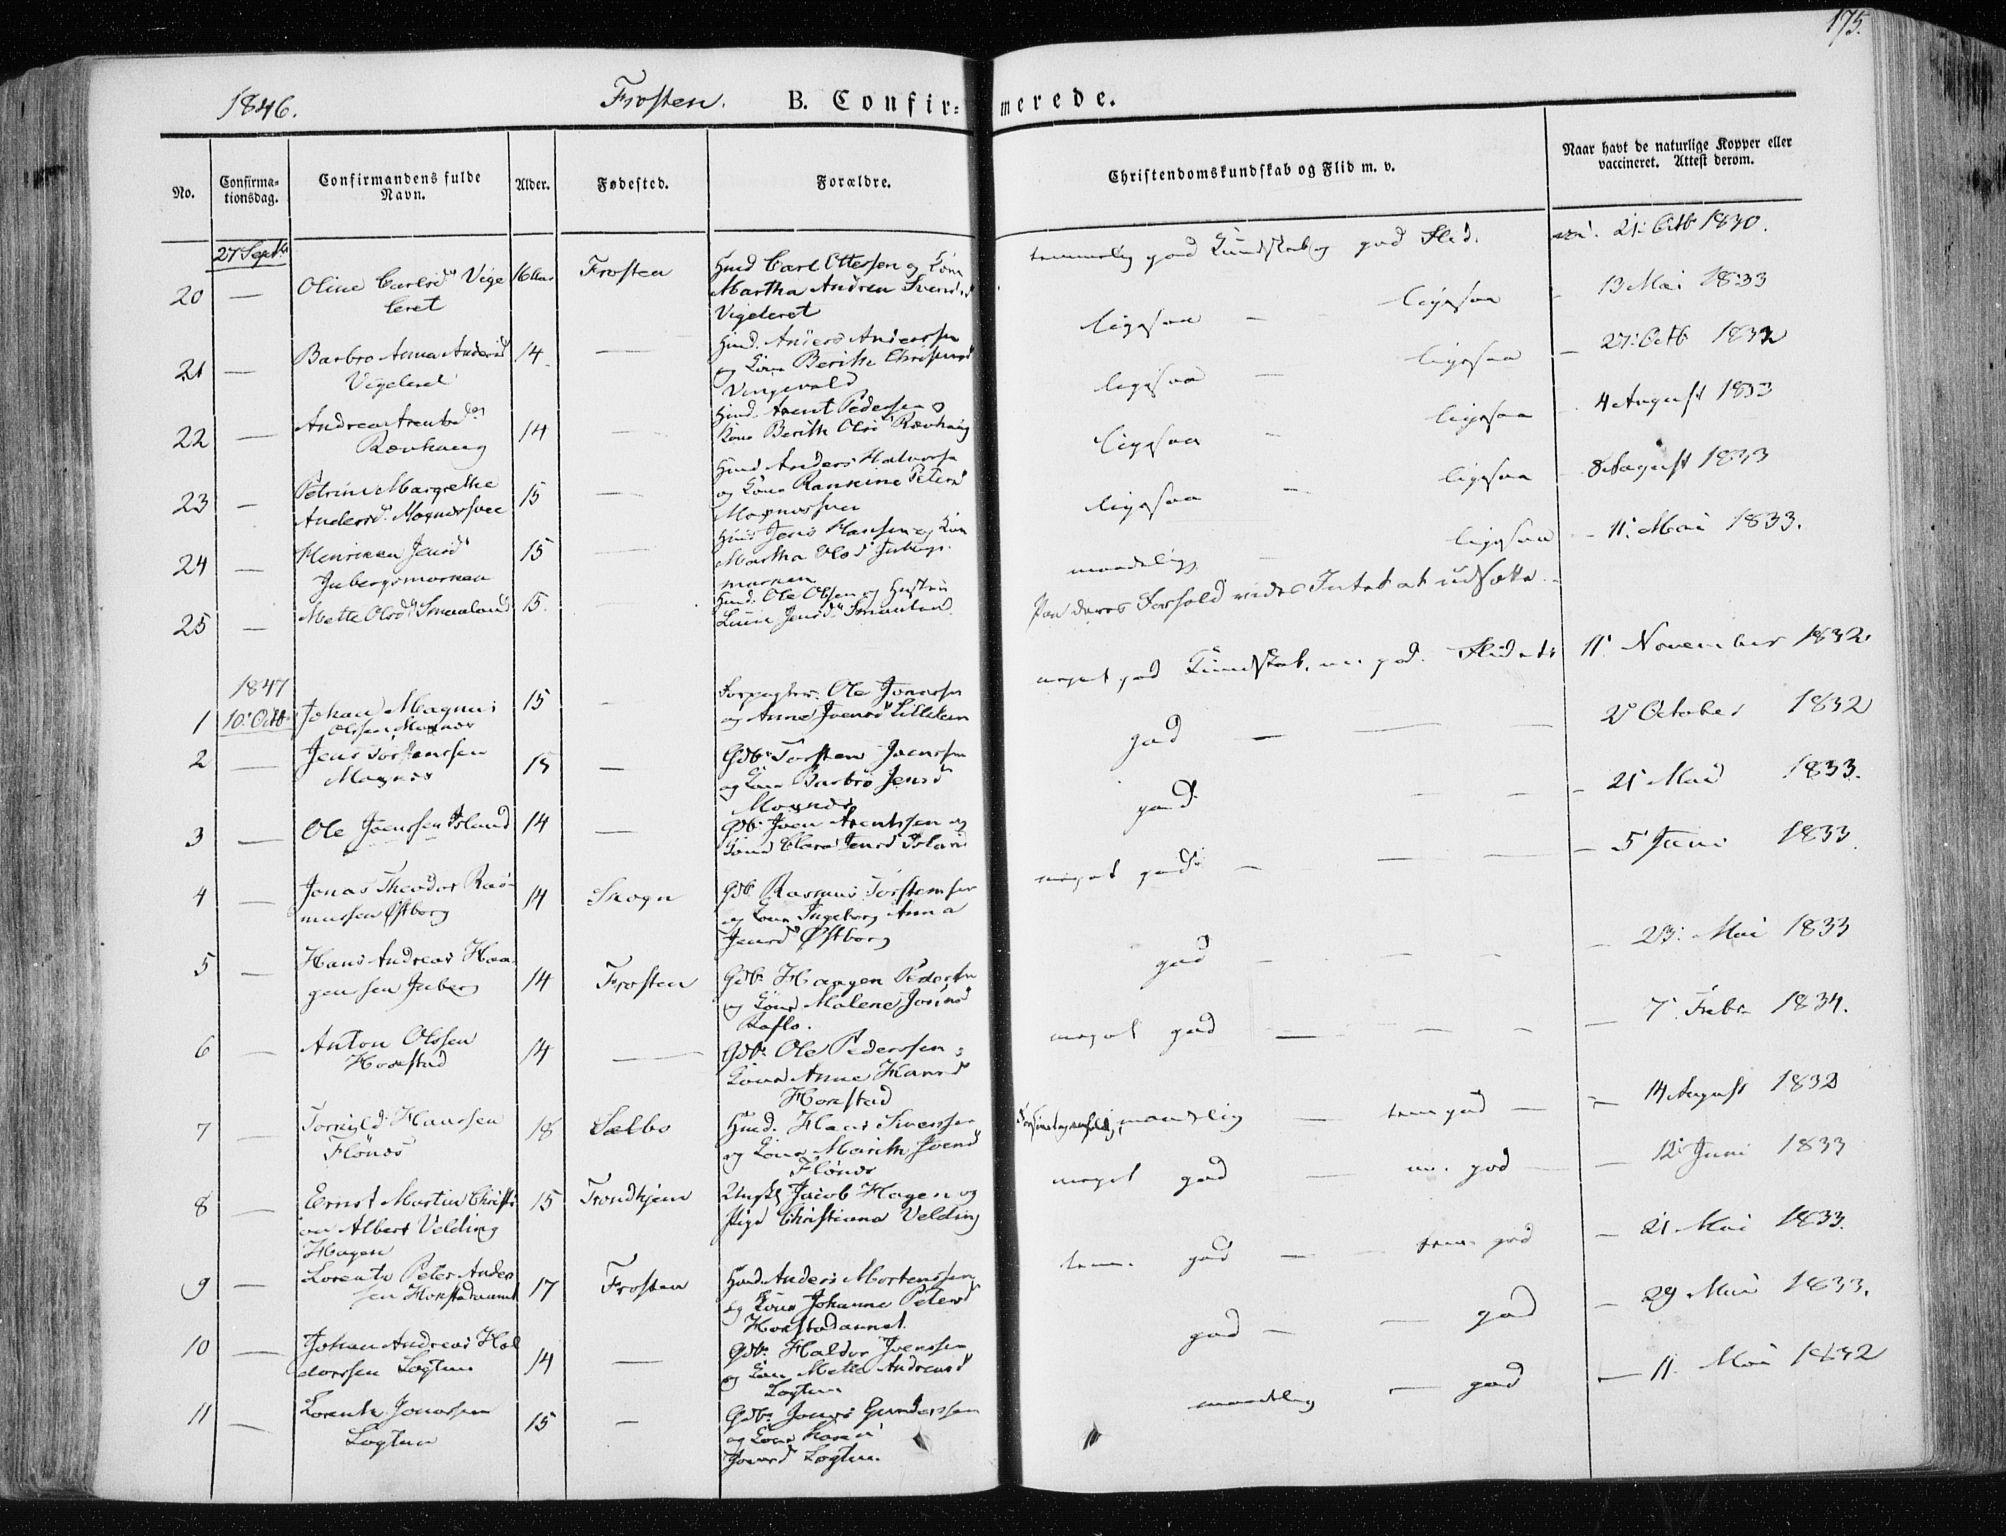 SAT, Ministerialprotokoller, klokkerbøker og fødselsregistre - Nord-Trøndelag, 713/L0115: Ministerialbok nr. 713A06, 1838-1851, s. 175